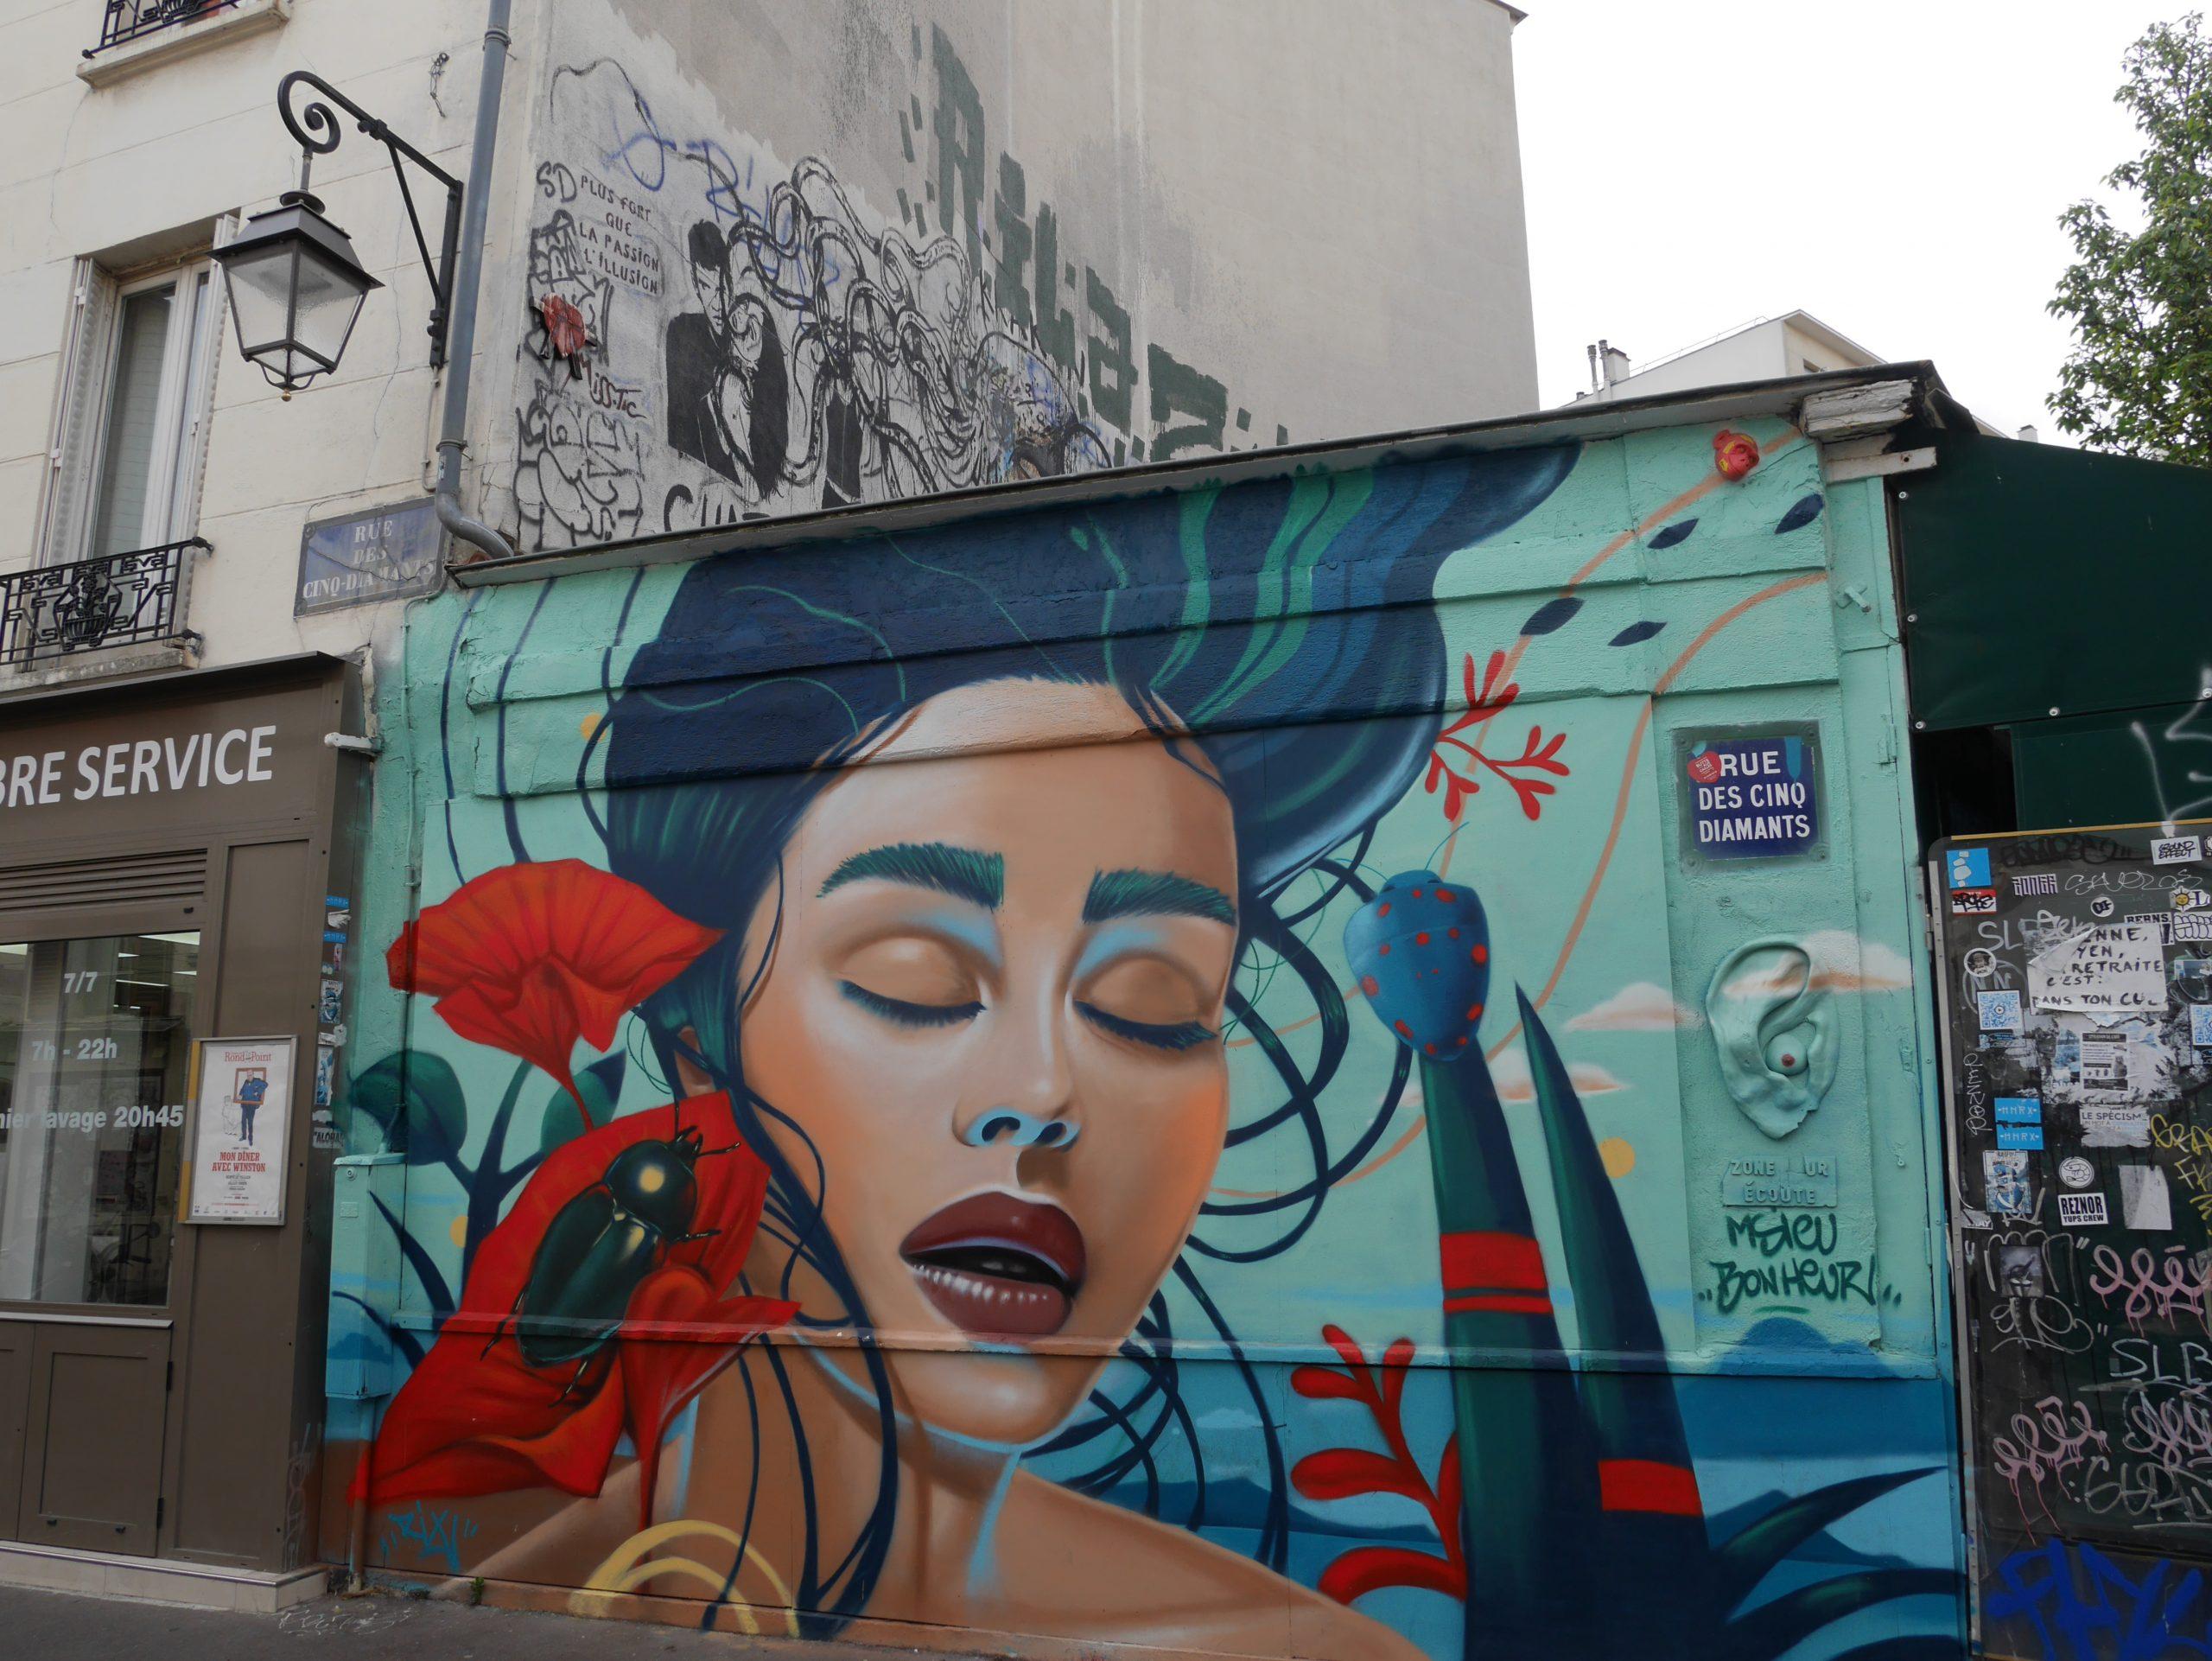 La butte aux cailles à Paris, histoire et street art.